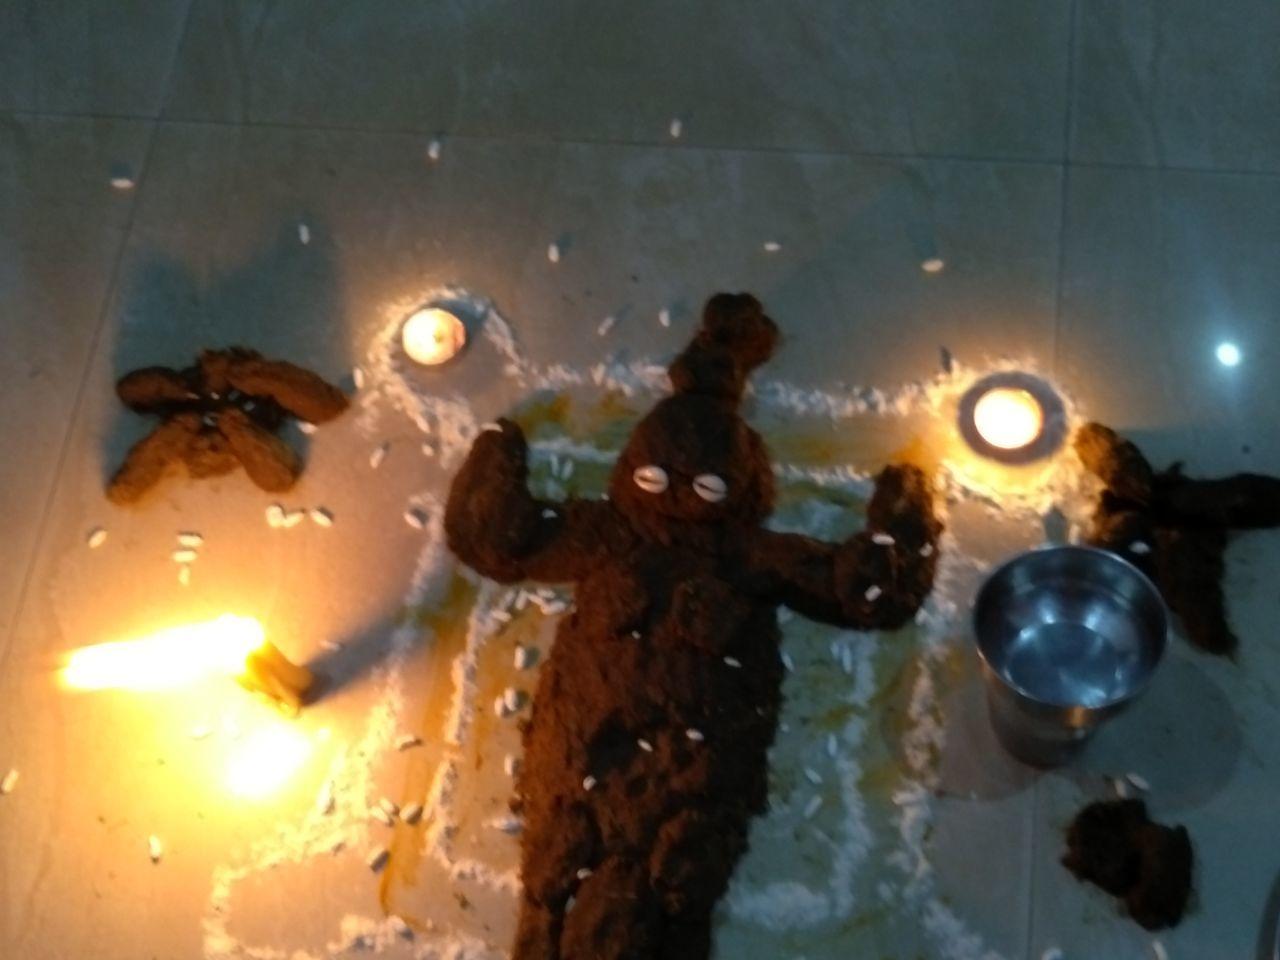 #3XSPUnity #beautyoflife #FamilyTime #FestivalTime #God #GovardhanPooja #LordKrishna #My Year My View #togetherness Illuminated Indoors